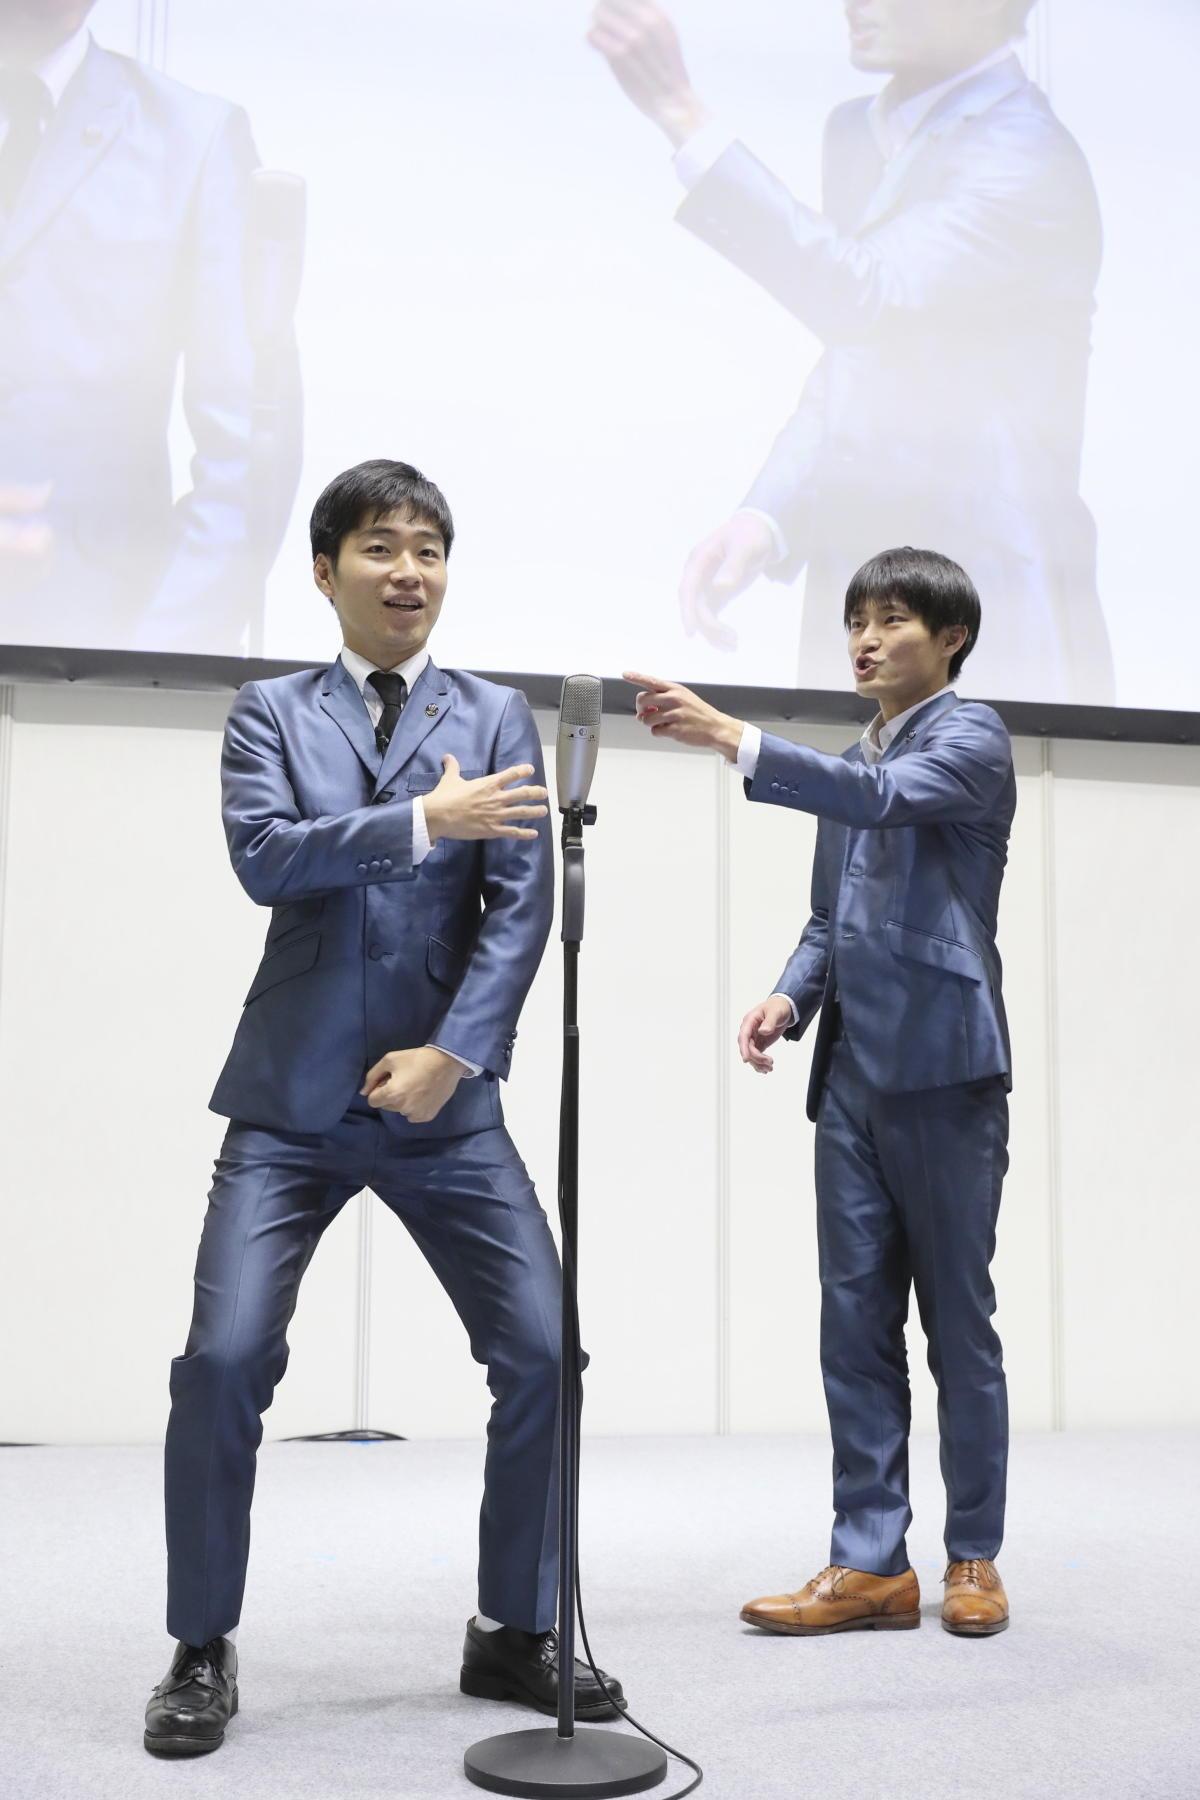 http://news.yoshimoto.co.jp/20181208232316-ec68f9fd9f2b1043d77424dfe741d1009b0208f1.jpg